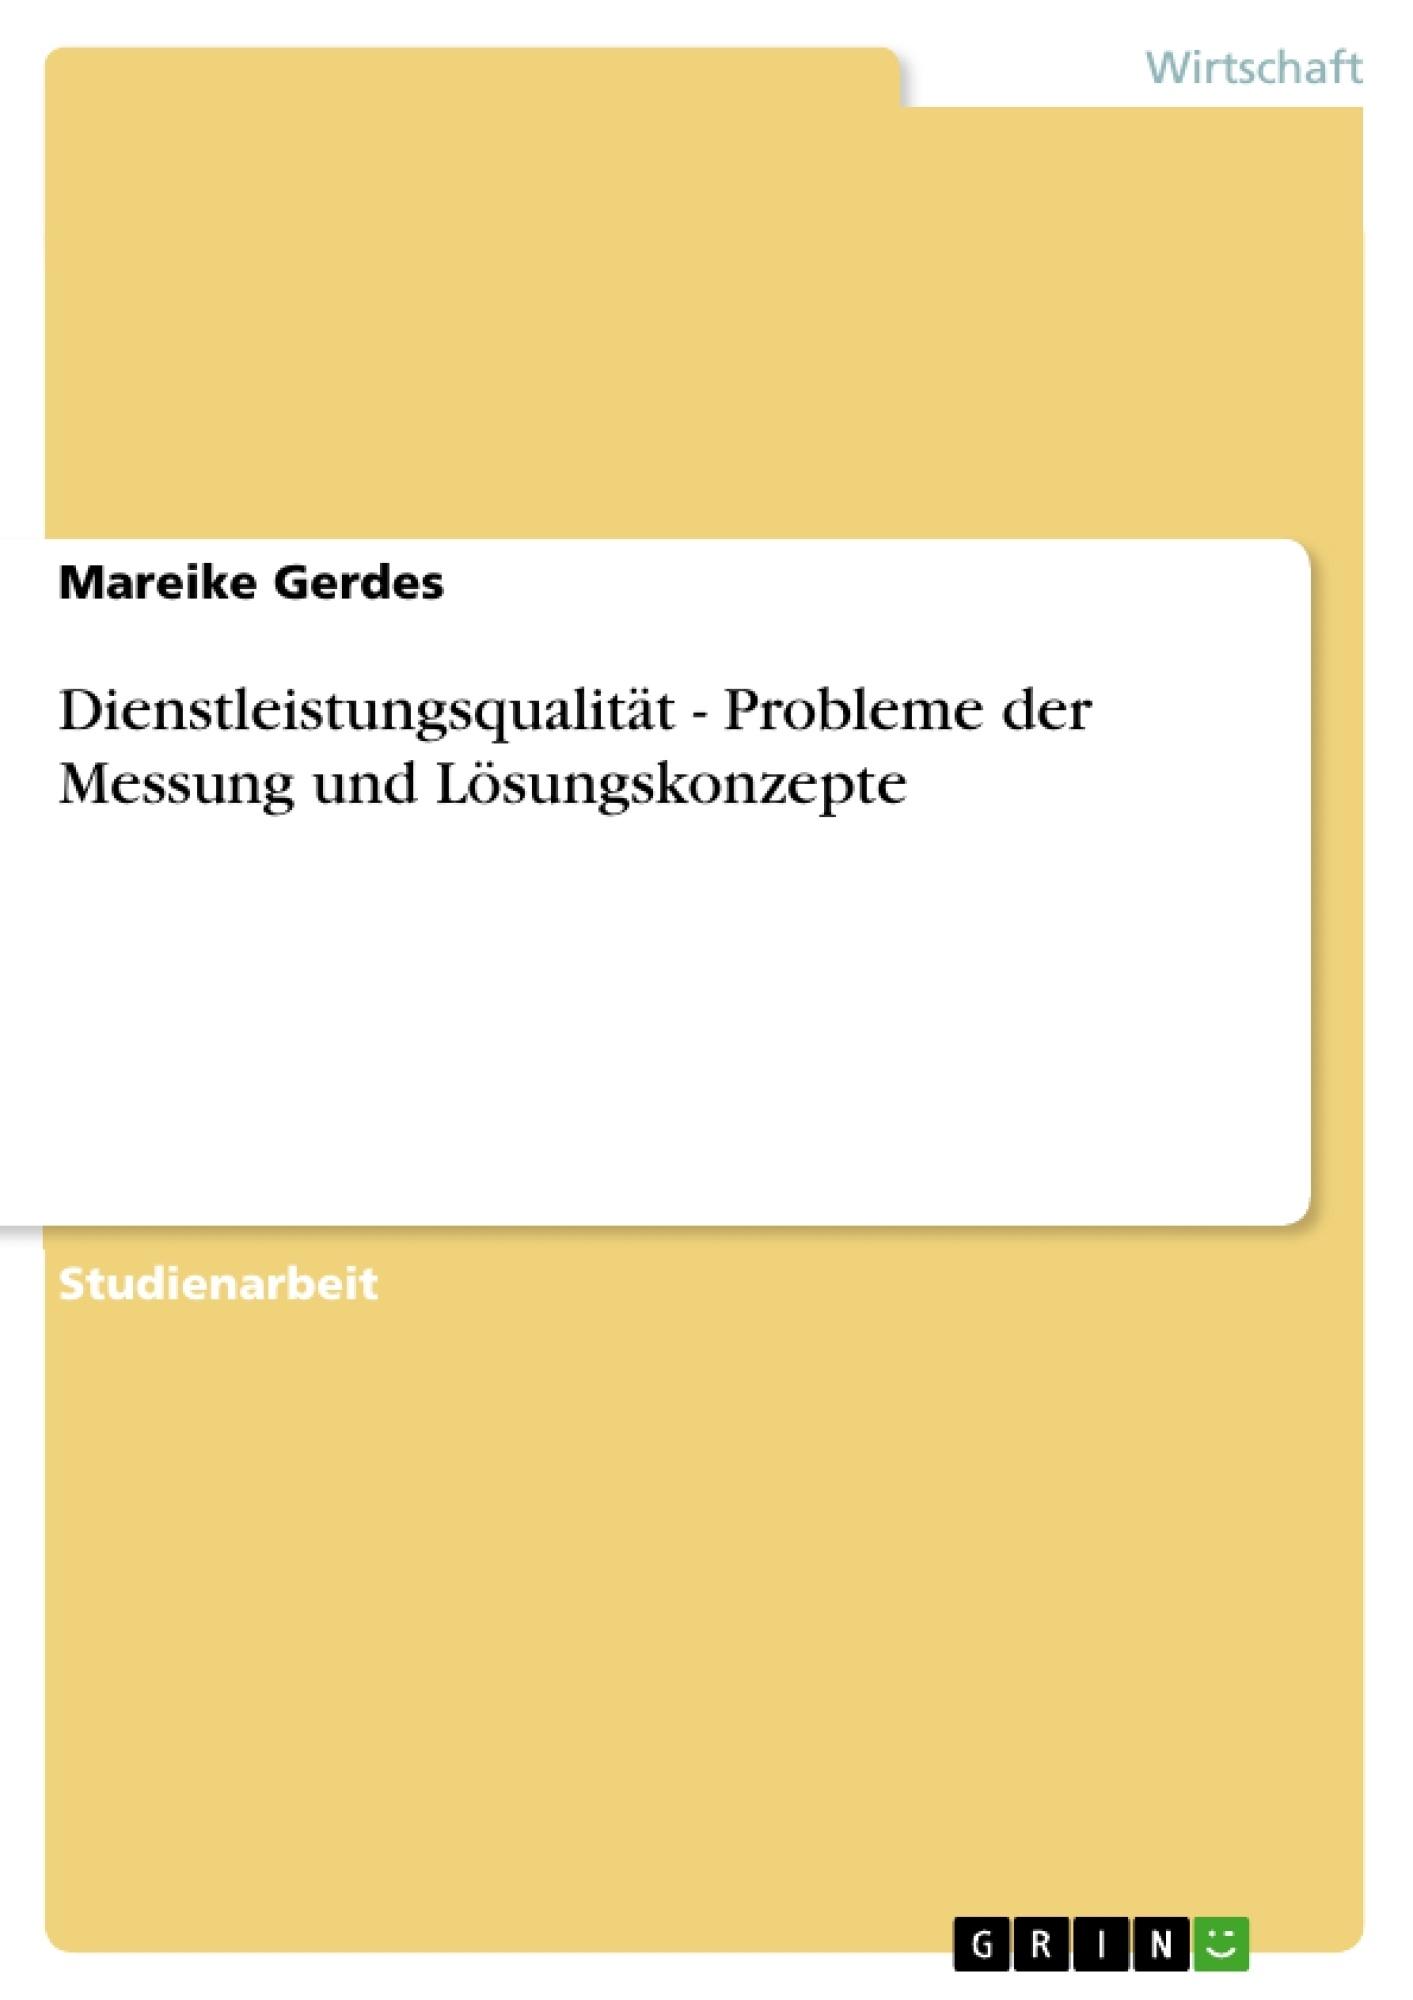 Titel: Dienstleistungsqualität - Probleme der Messung und Lösungskonzepte